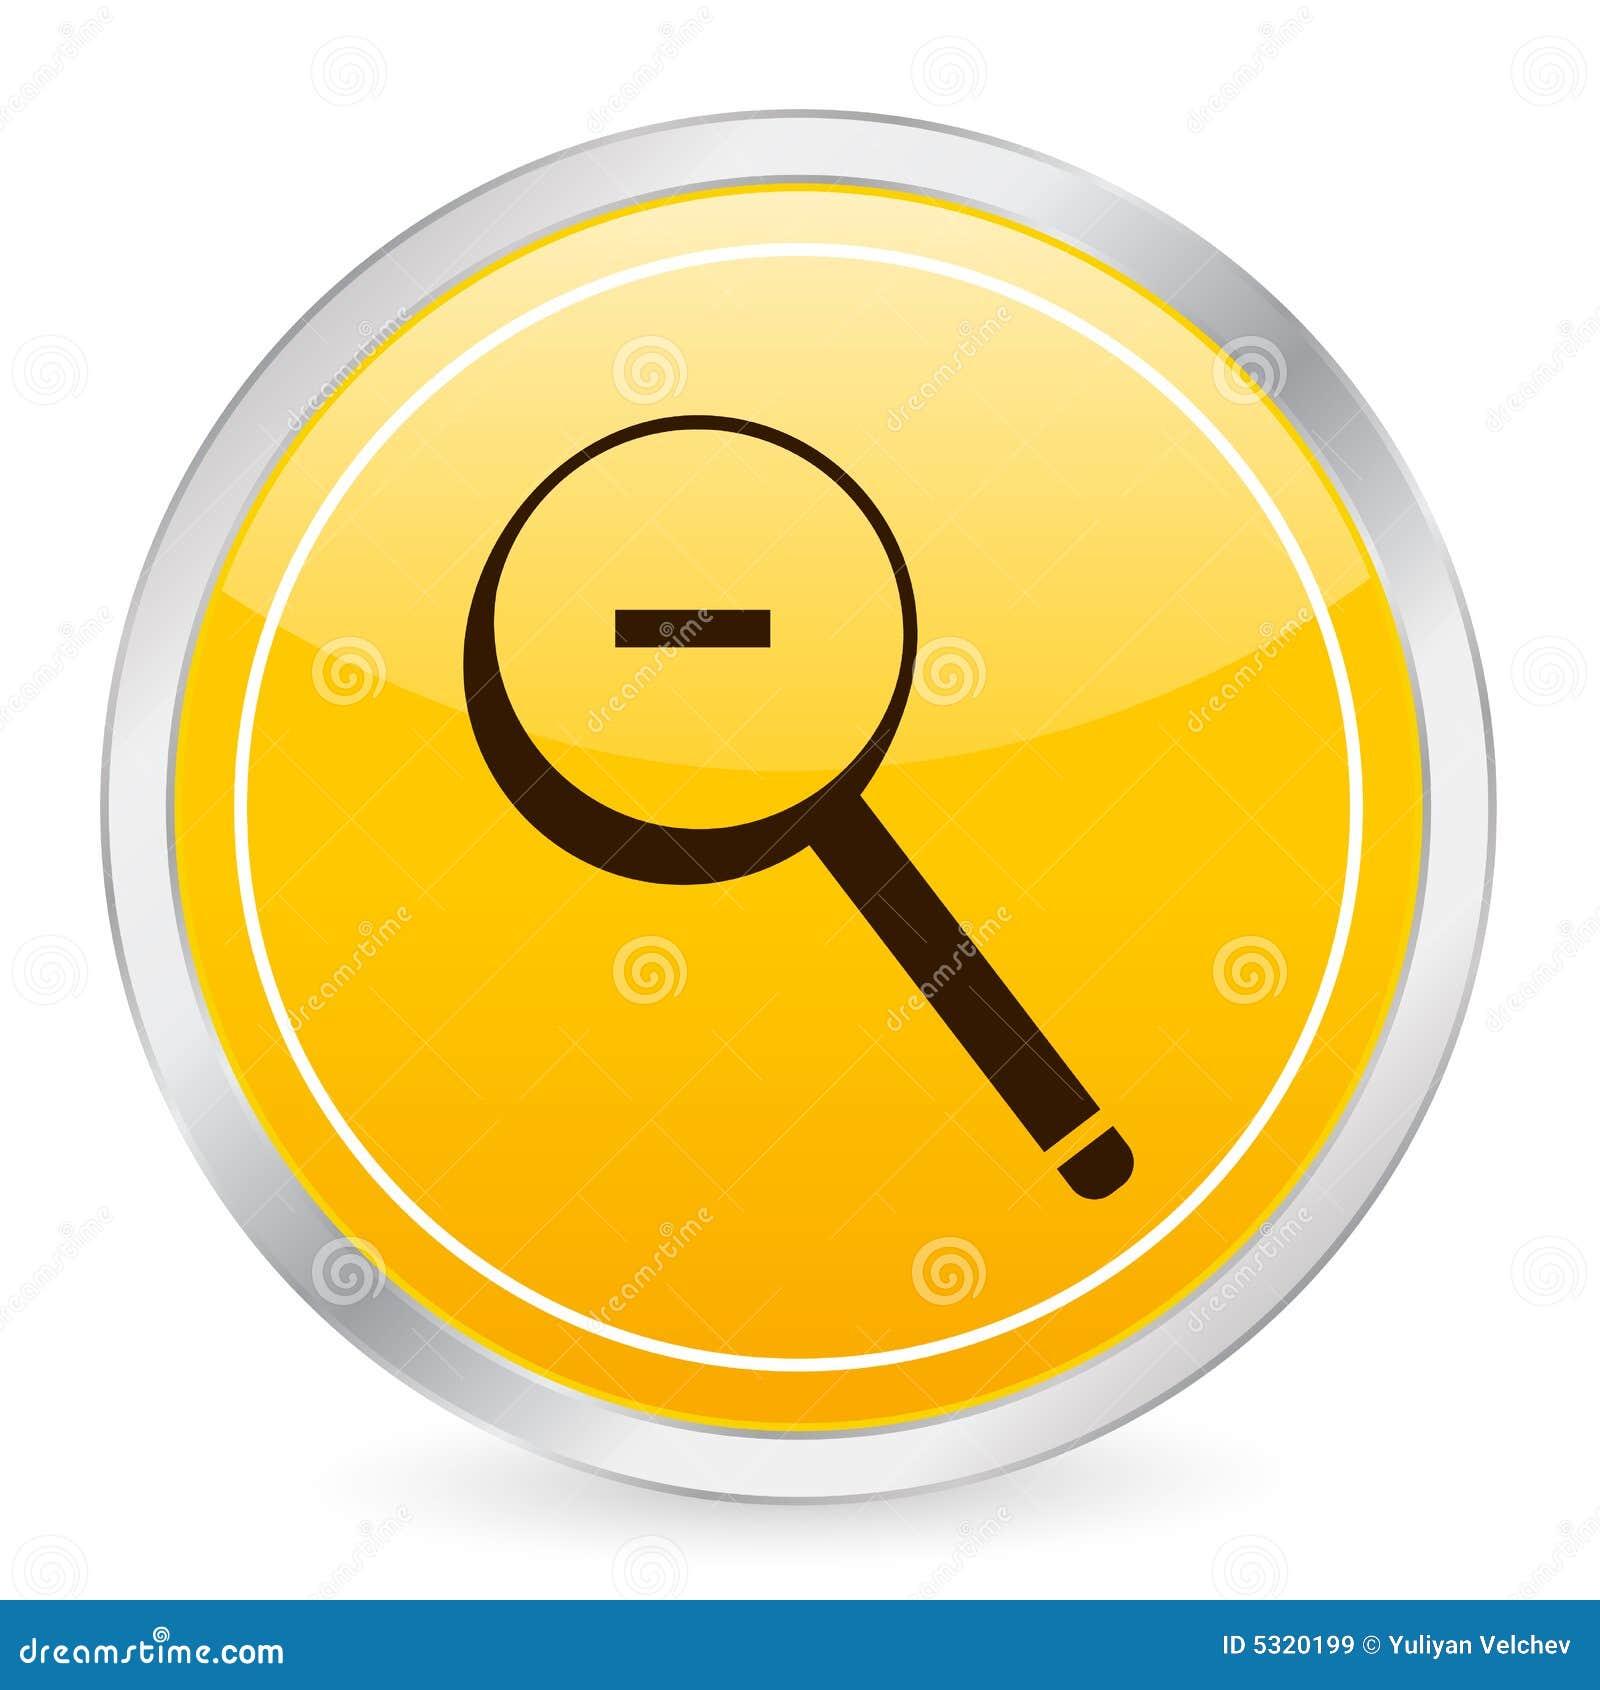 Download Dello Zoom Icona Gialla Del Cerchio Fuori Illustrazione Vettoriale - Illustrazione di riflessione, bianco: 5320199